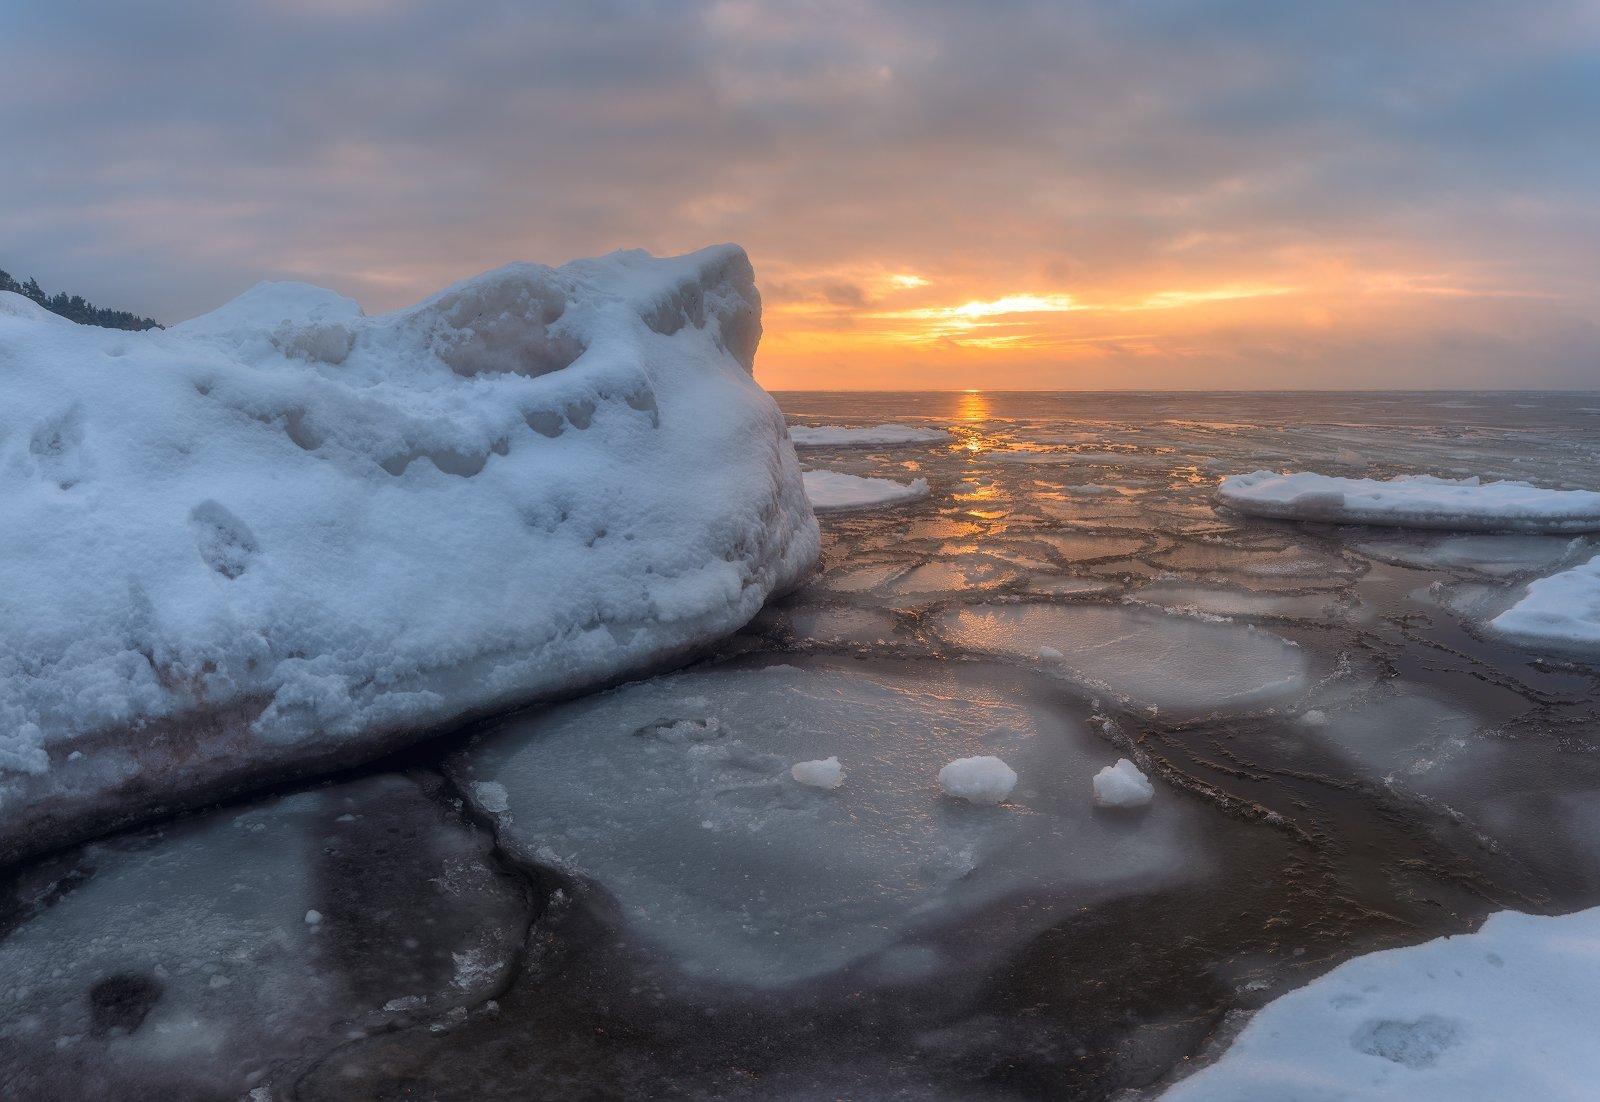 панорама пейзаж зима латвия, Алексей Мельситов